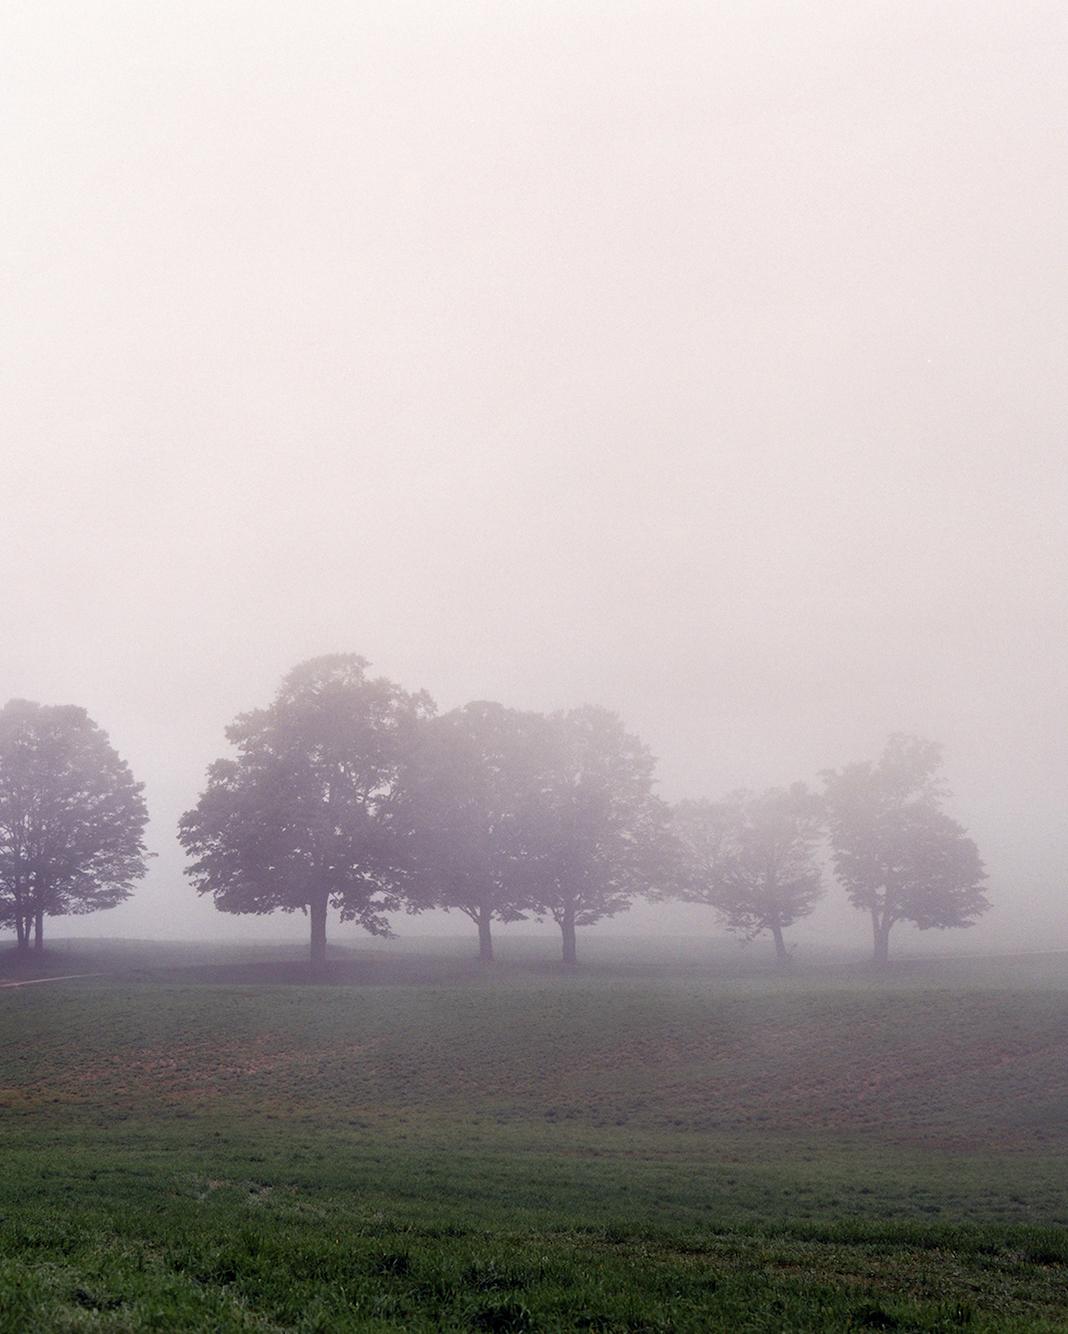 fog-wd107926.jpg